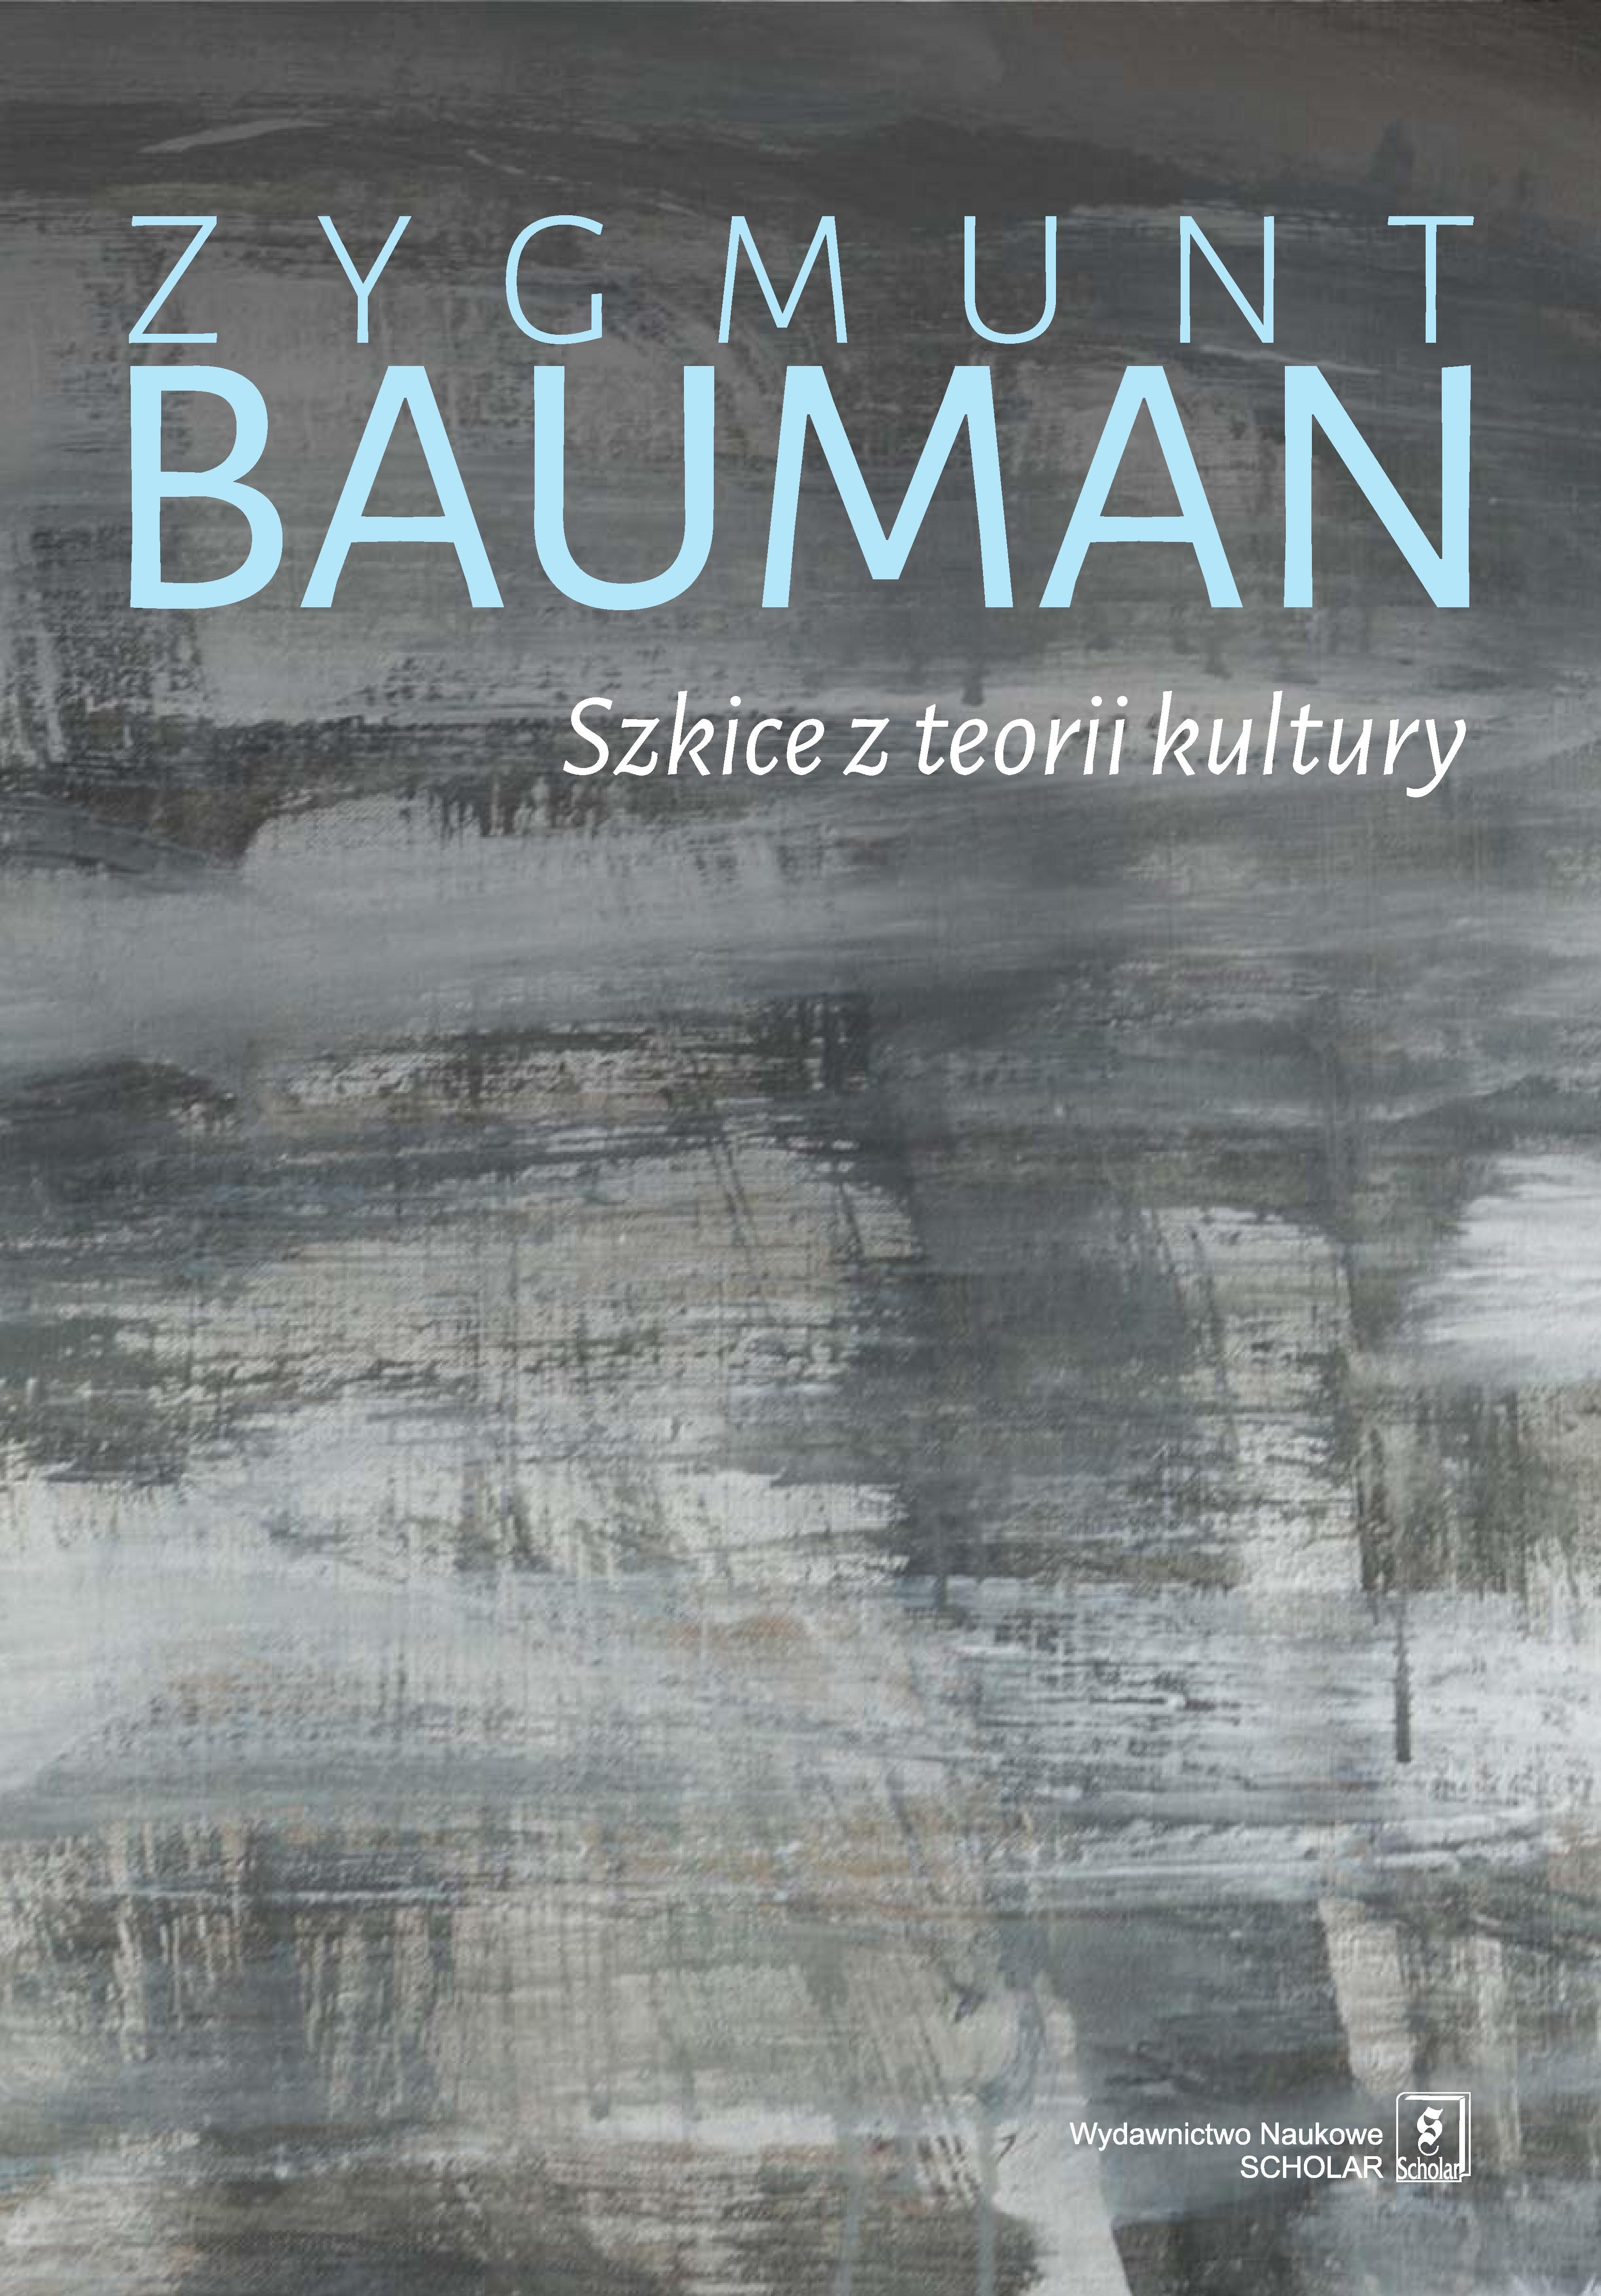 Bauman_Szkice 800